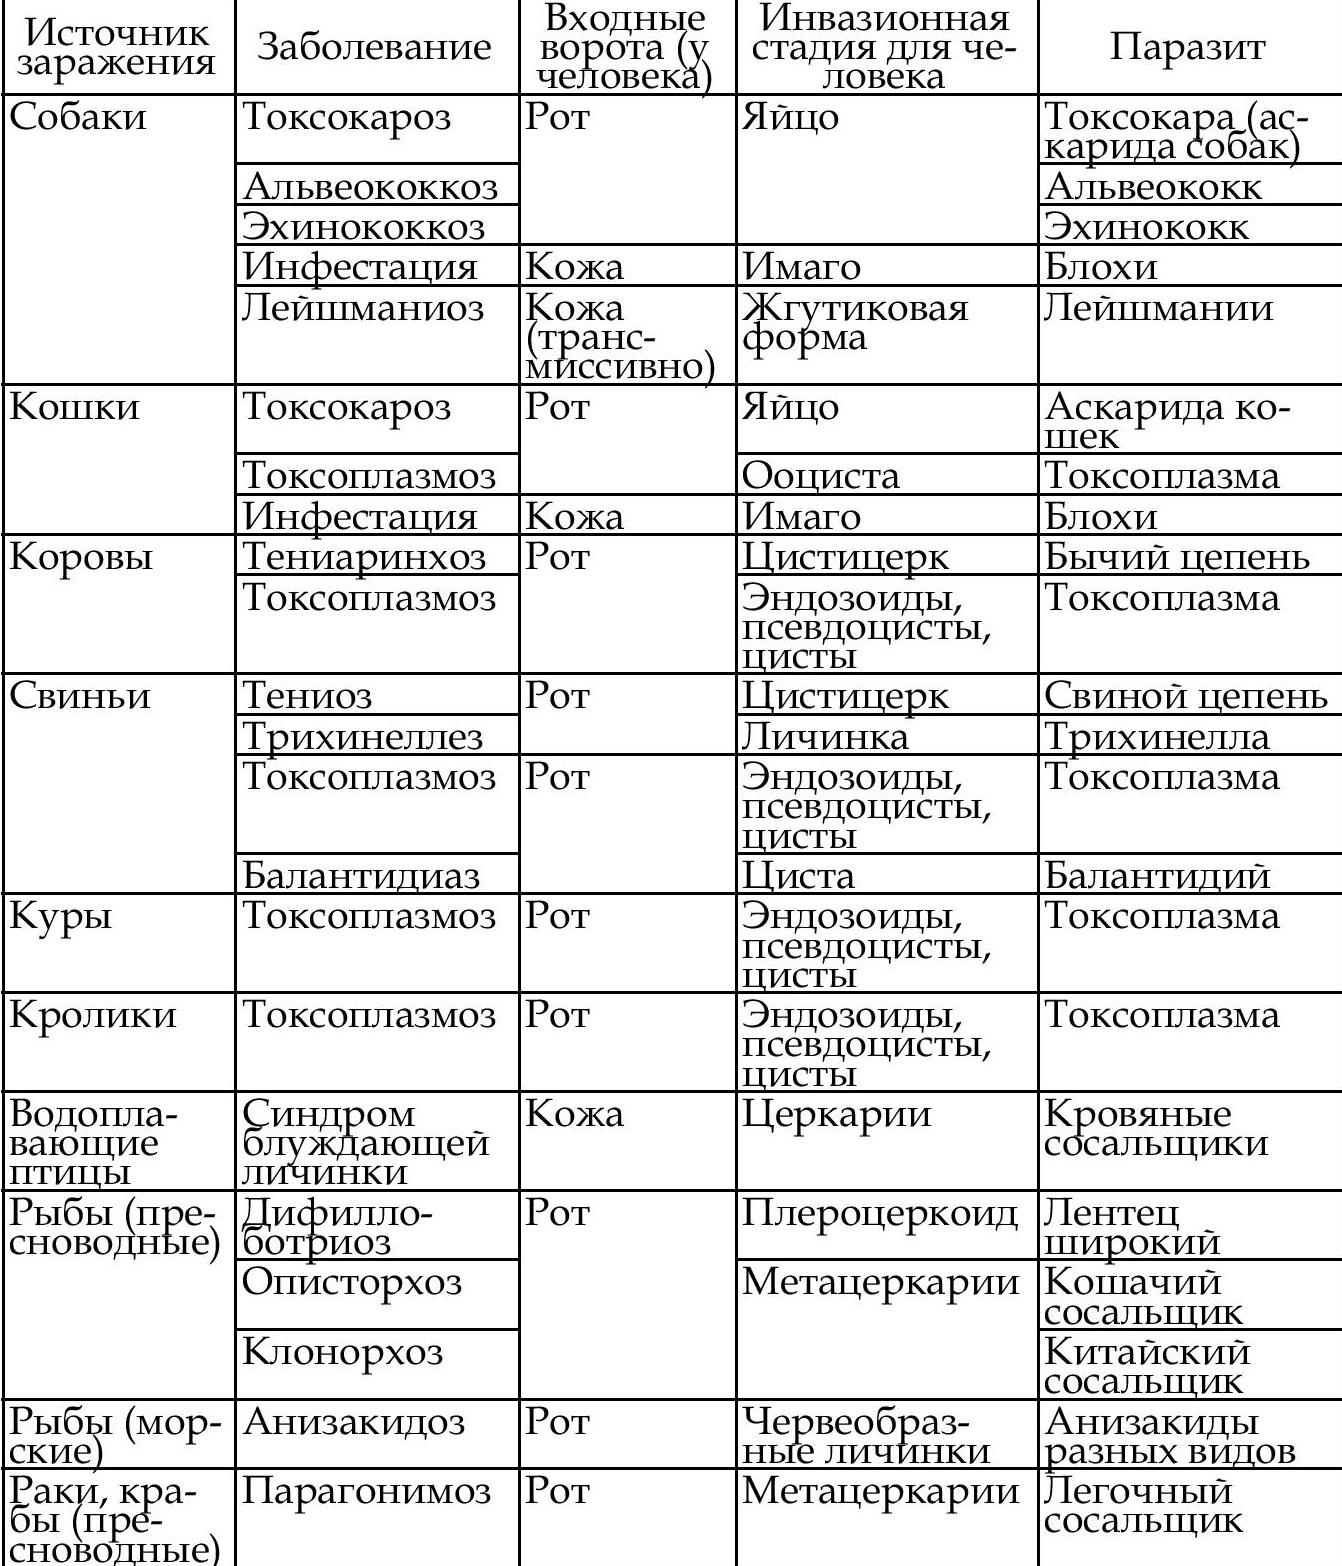 название паразитов таблица